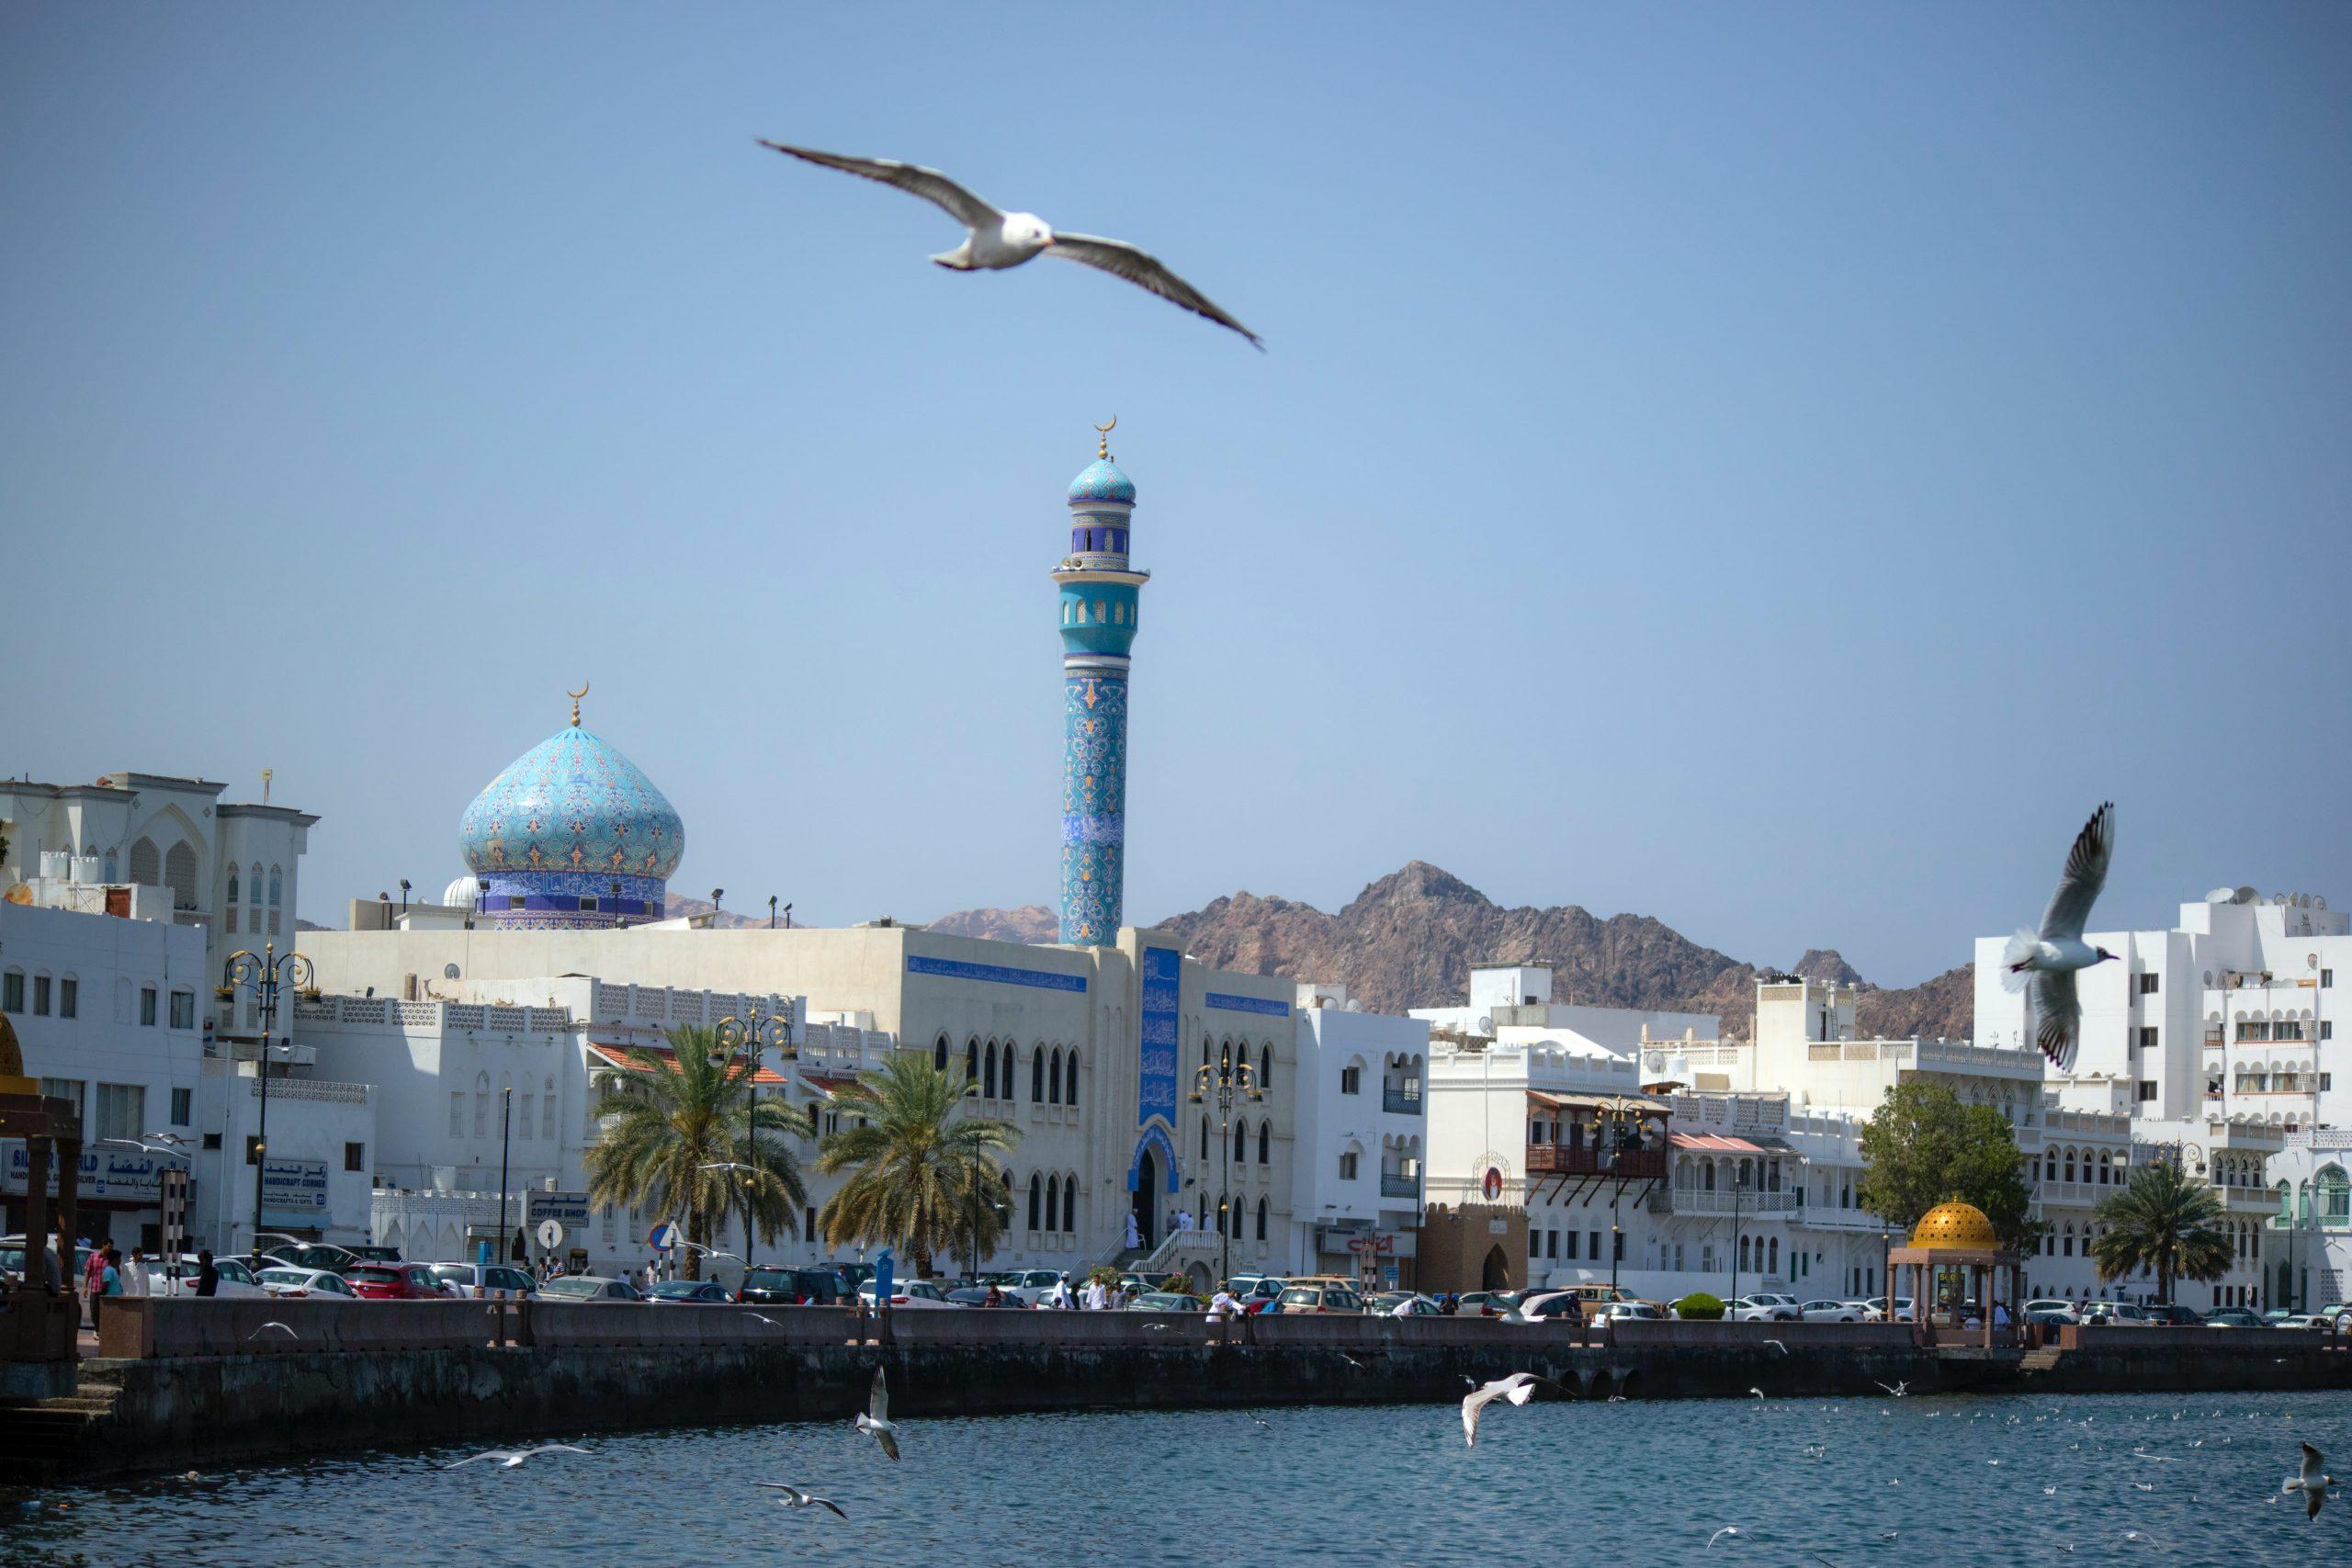 در تور عمان از جاذبههای دیدنی شهر مسقط بازدید میکنیم